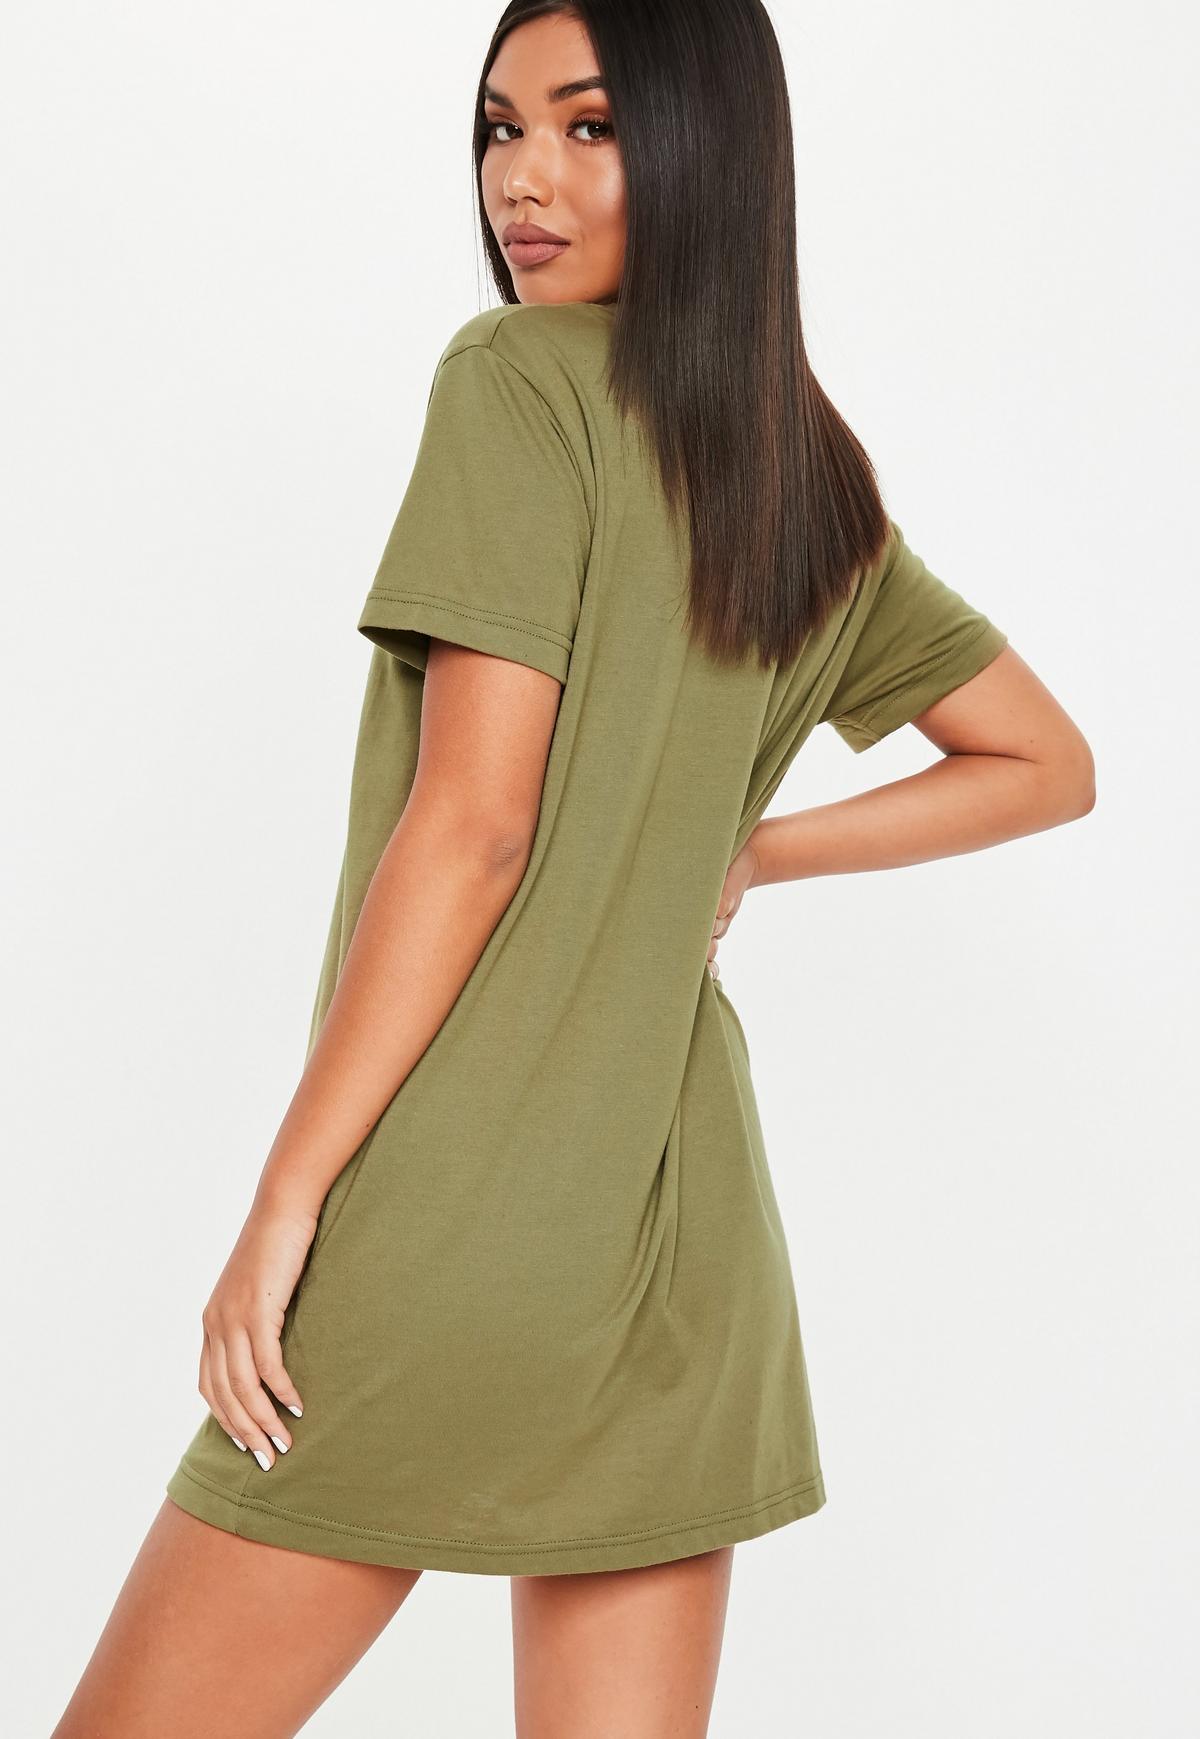 Robe T Shirt Vert Kaki Basique Missguided